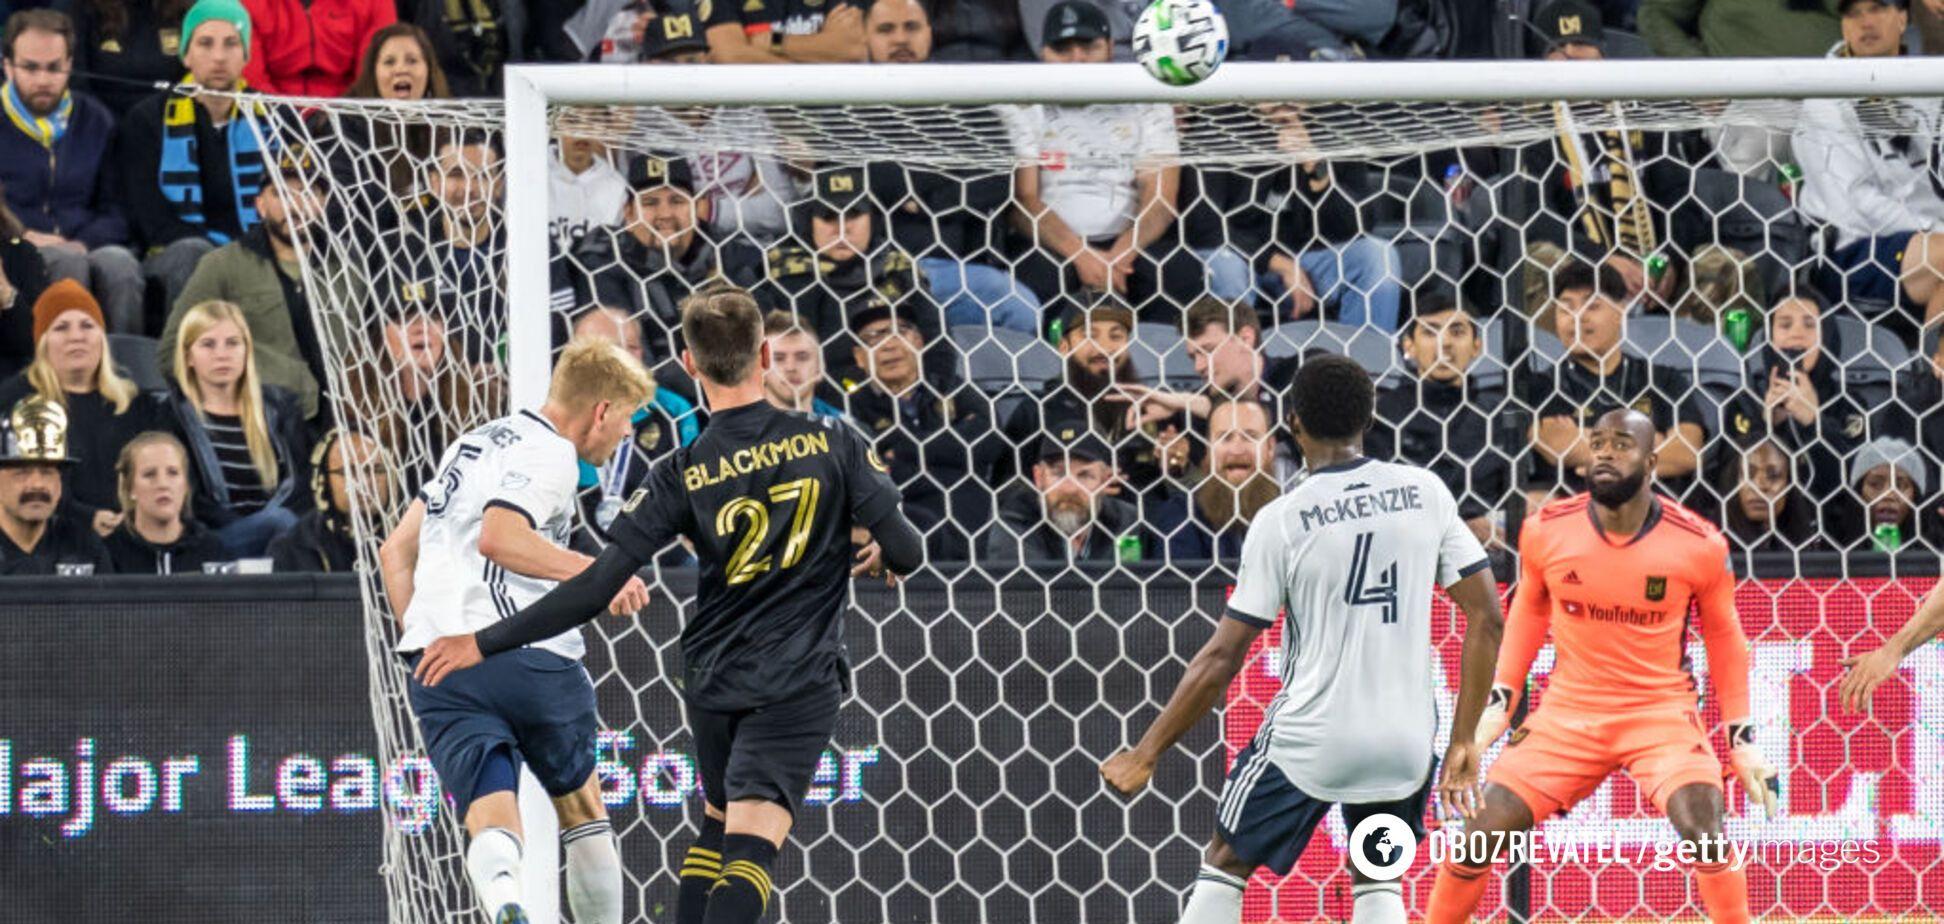 Норвезький футболіст забив фантастичний гол, повторивши шедевр Роберто Карлоса